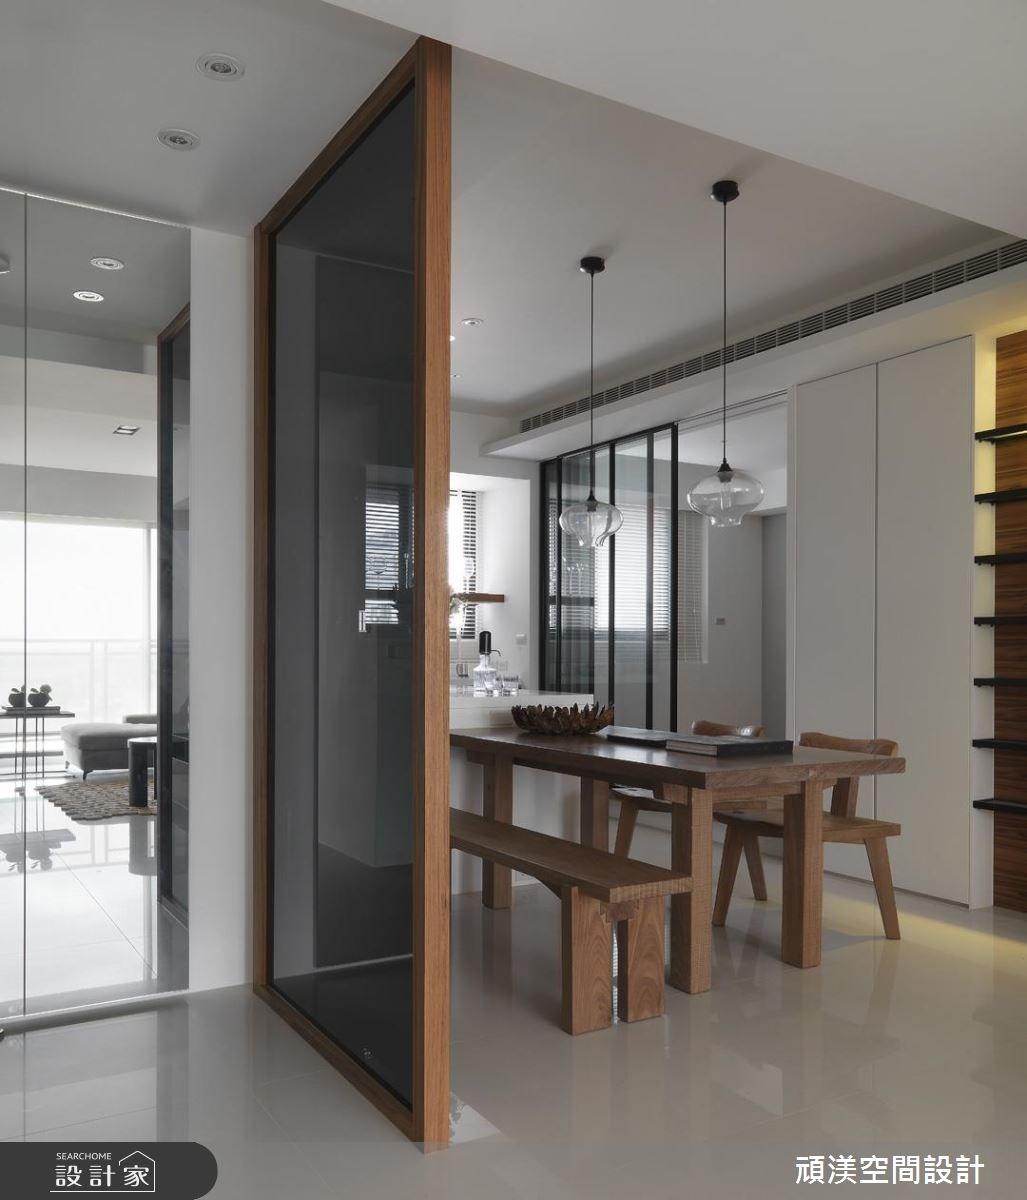 30坪新成屋(5年以下)_北歐風玄關客廳案例圖片_頑渼空間設計_頑渼_07之8